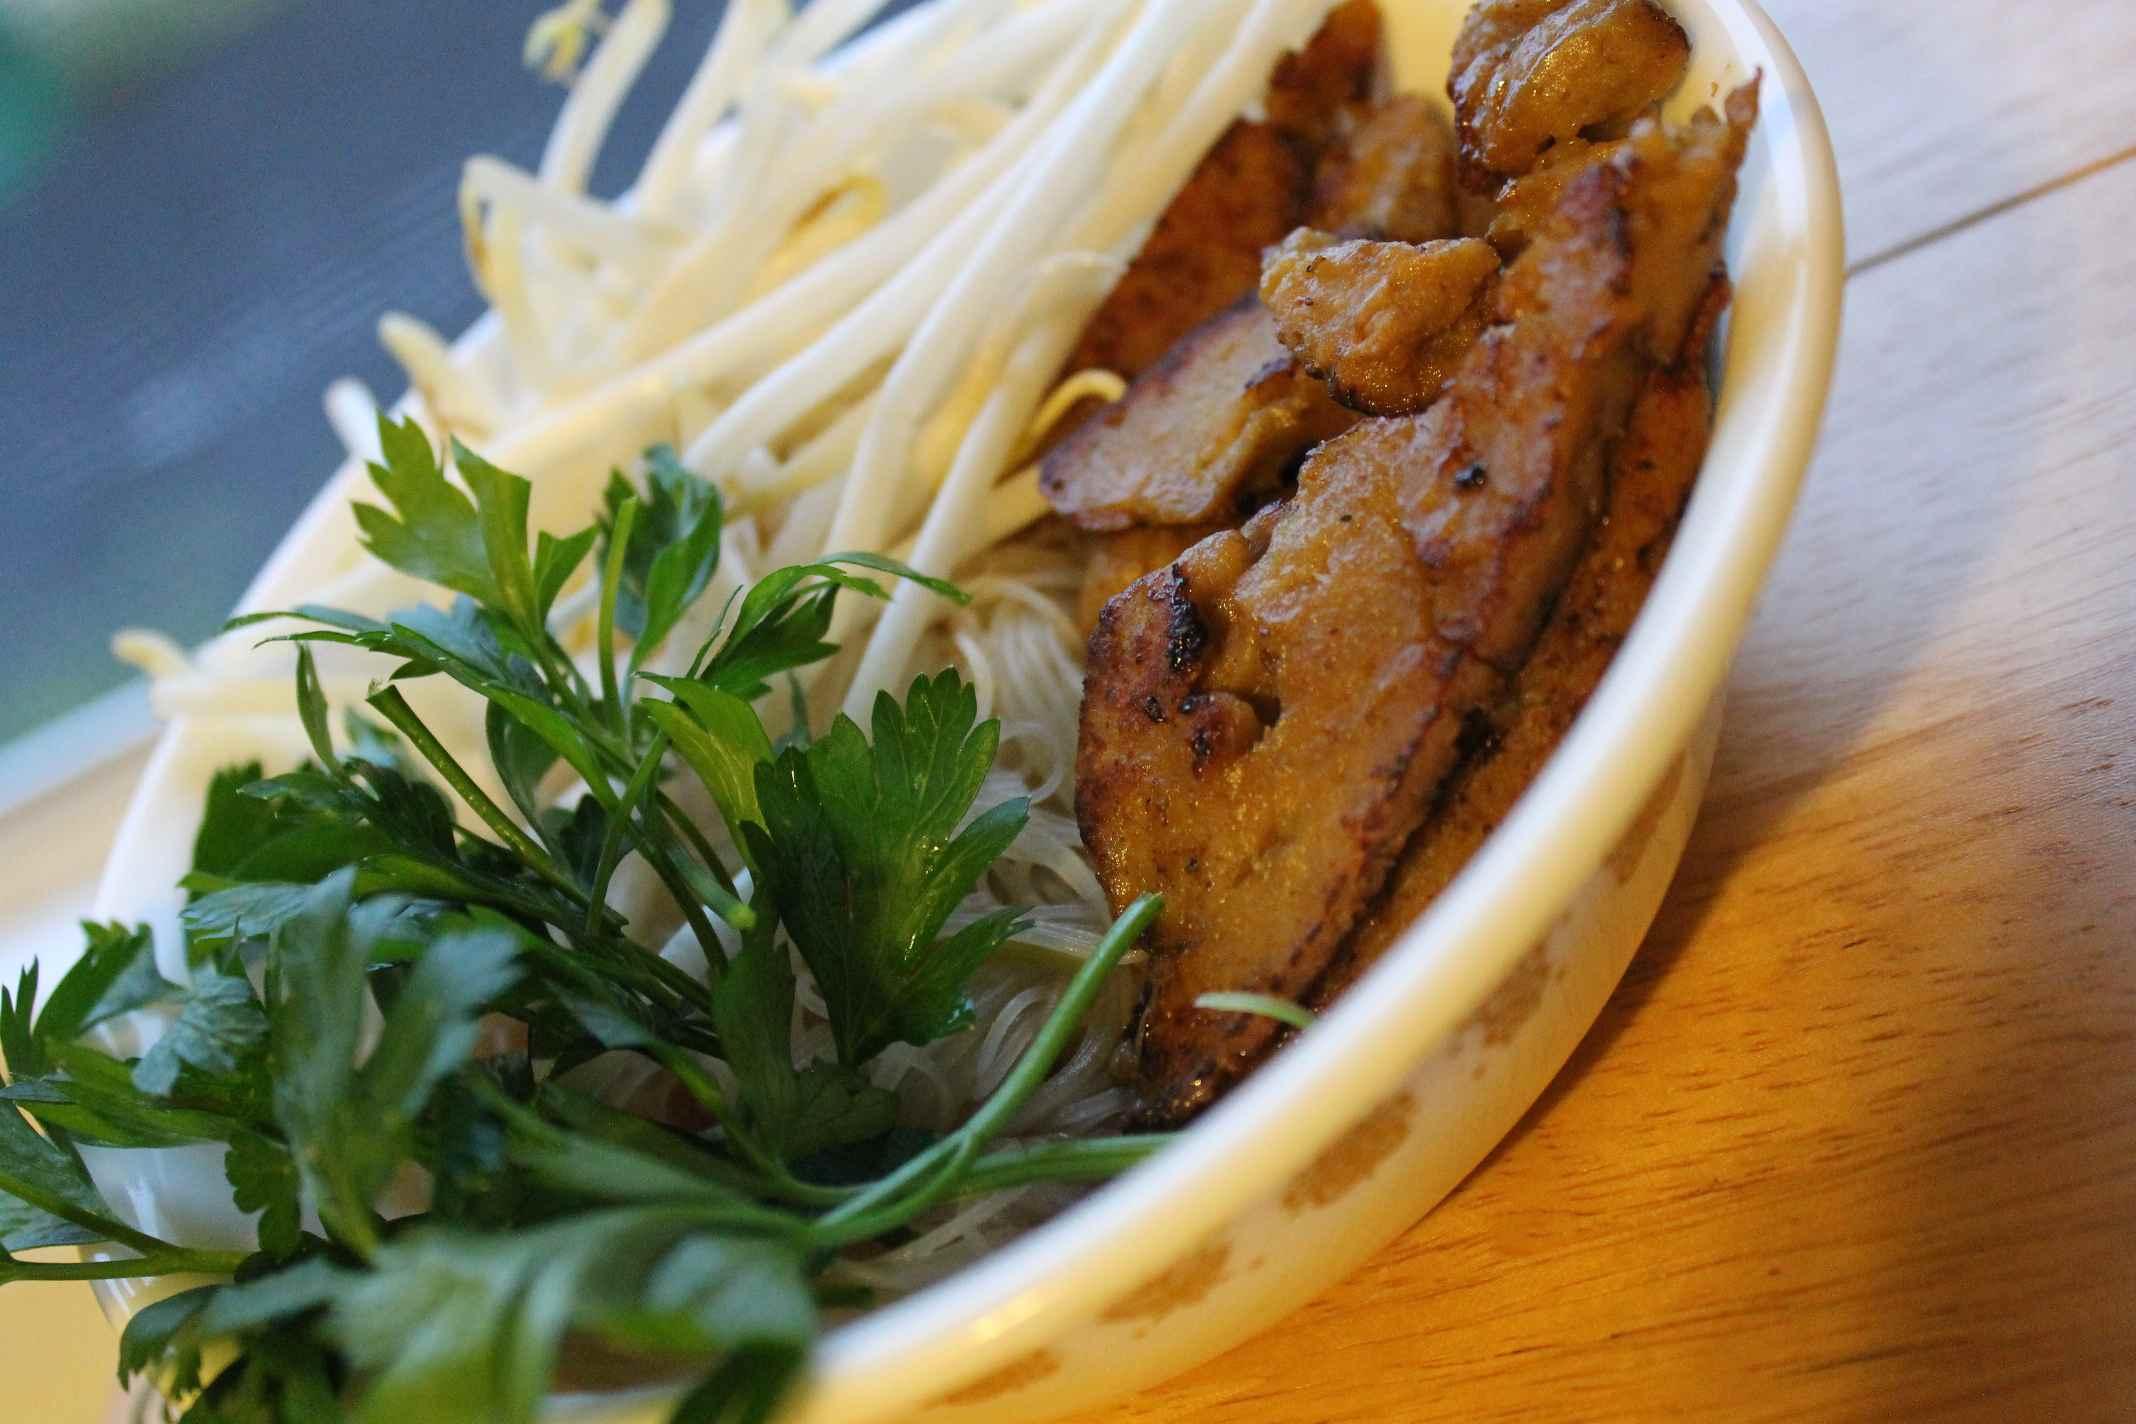 Vegetarian pho with seitan